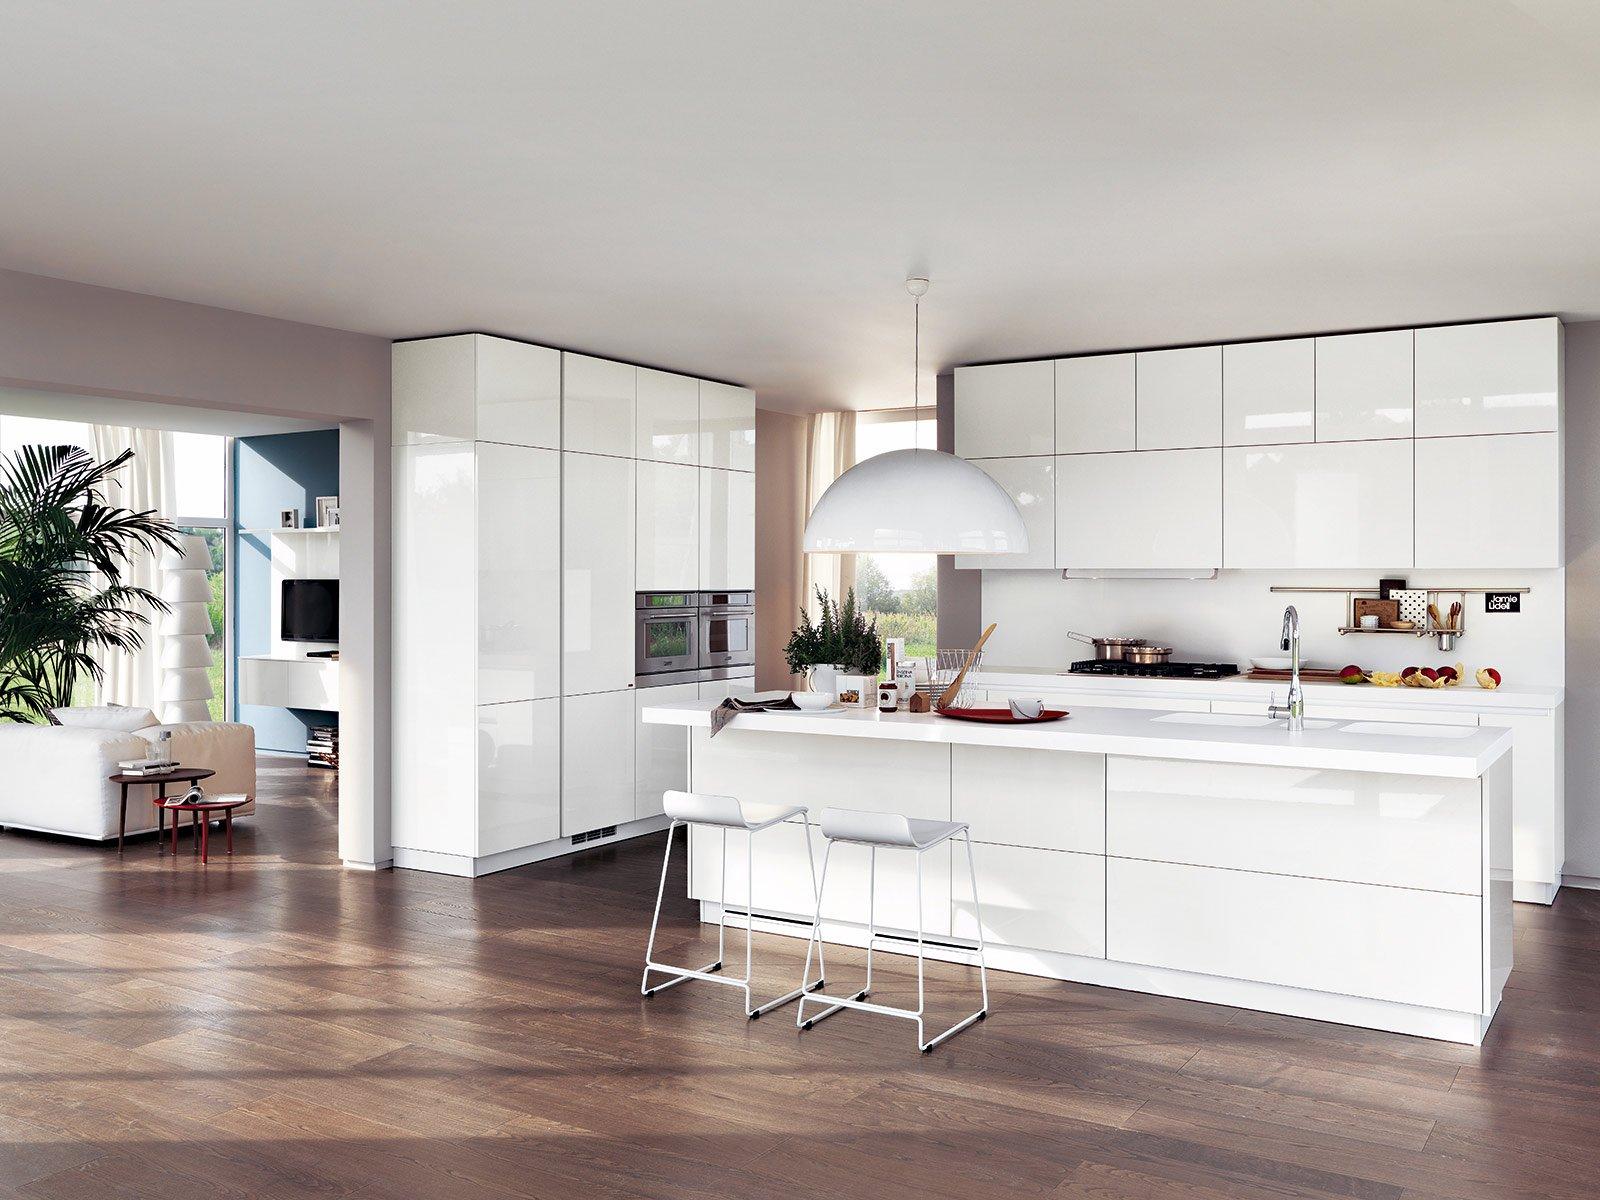 Totalmente bianca, la cucina Liberamente di Scavolini con isola e due ...